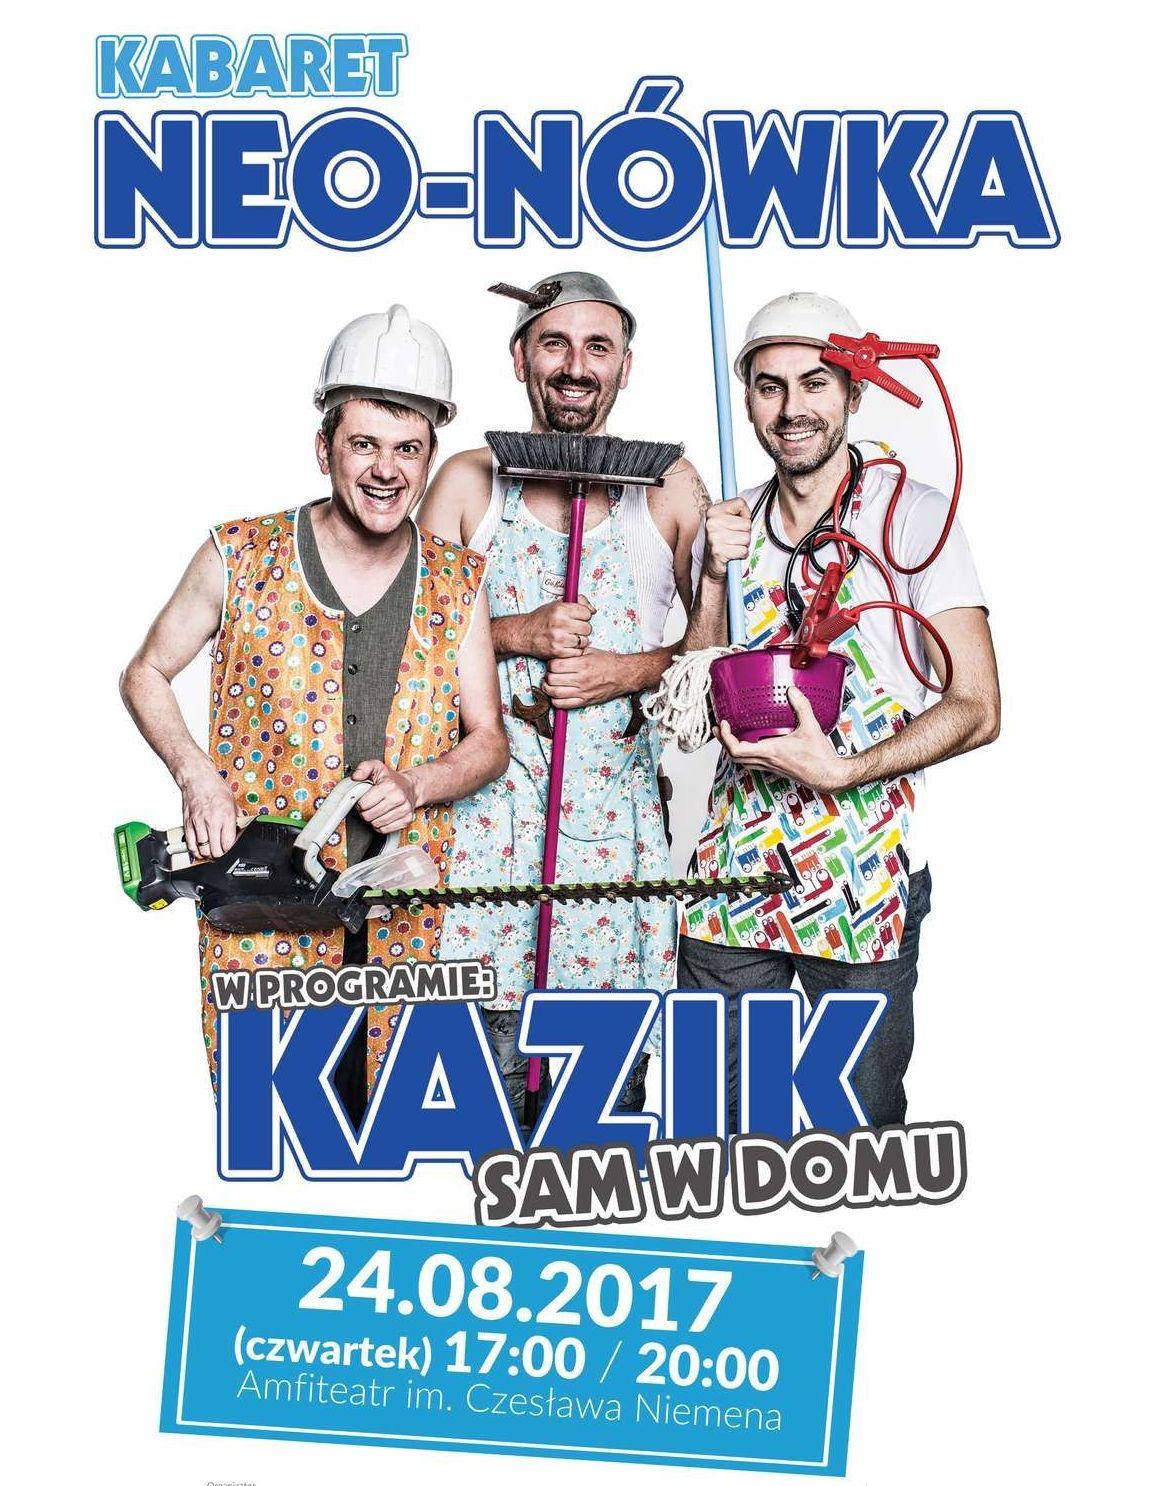 Dwa występy Kabaretu Neo-Nówka